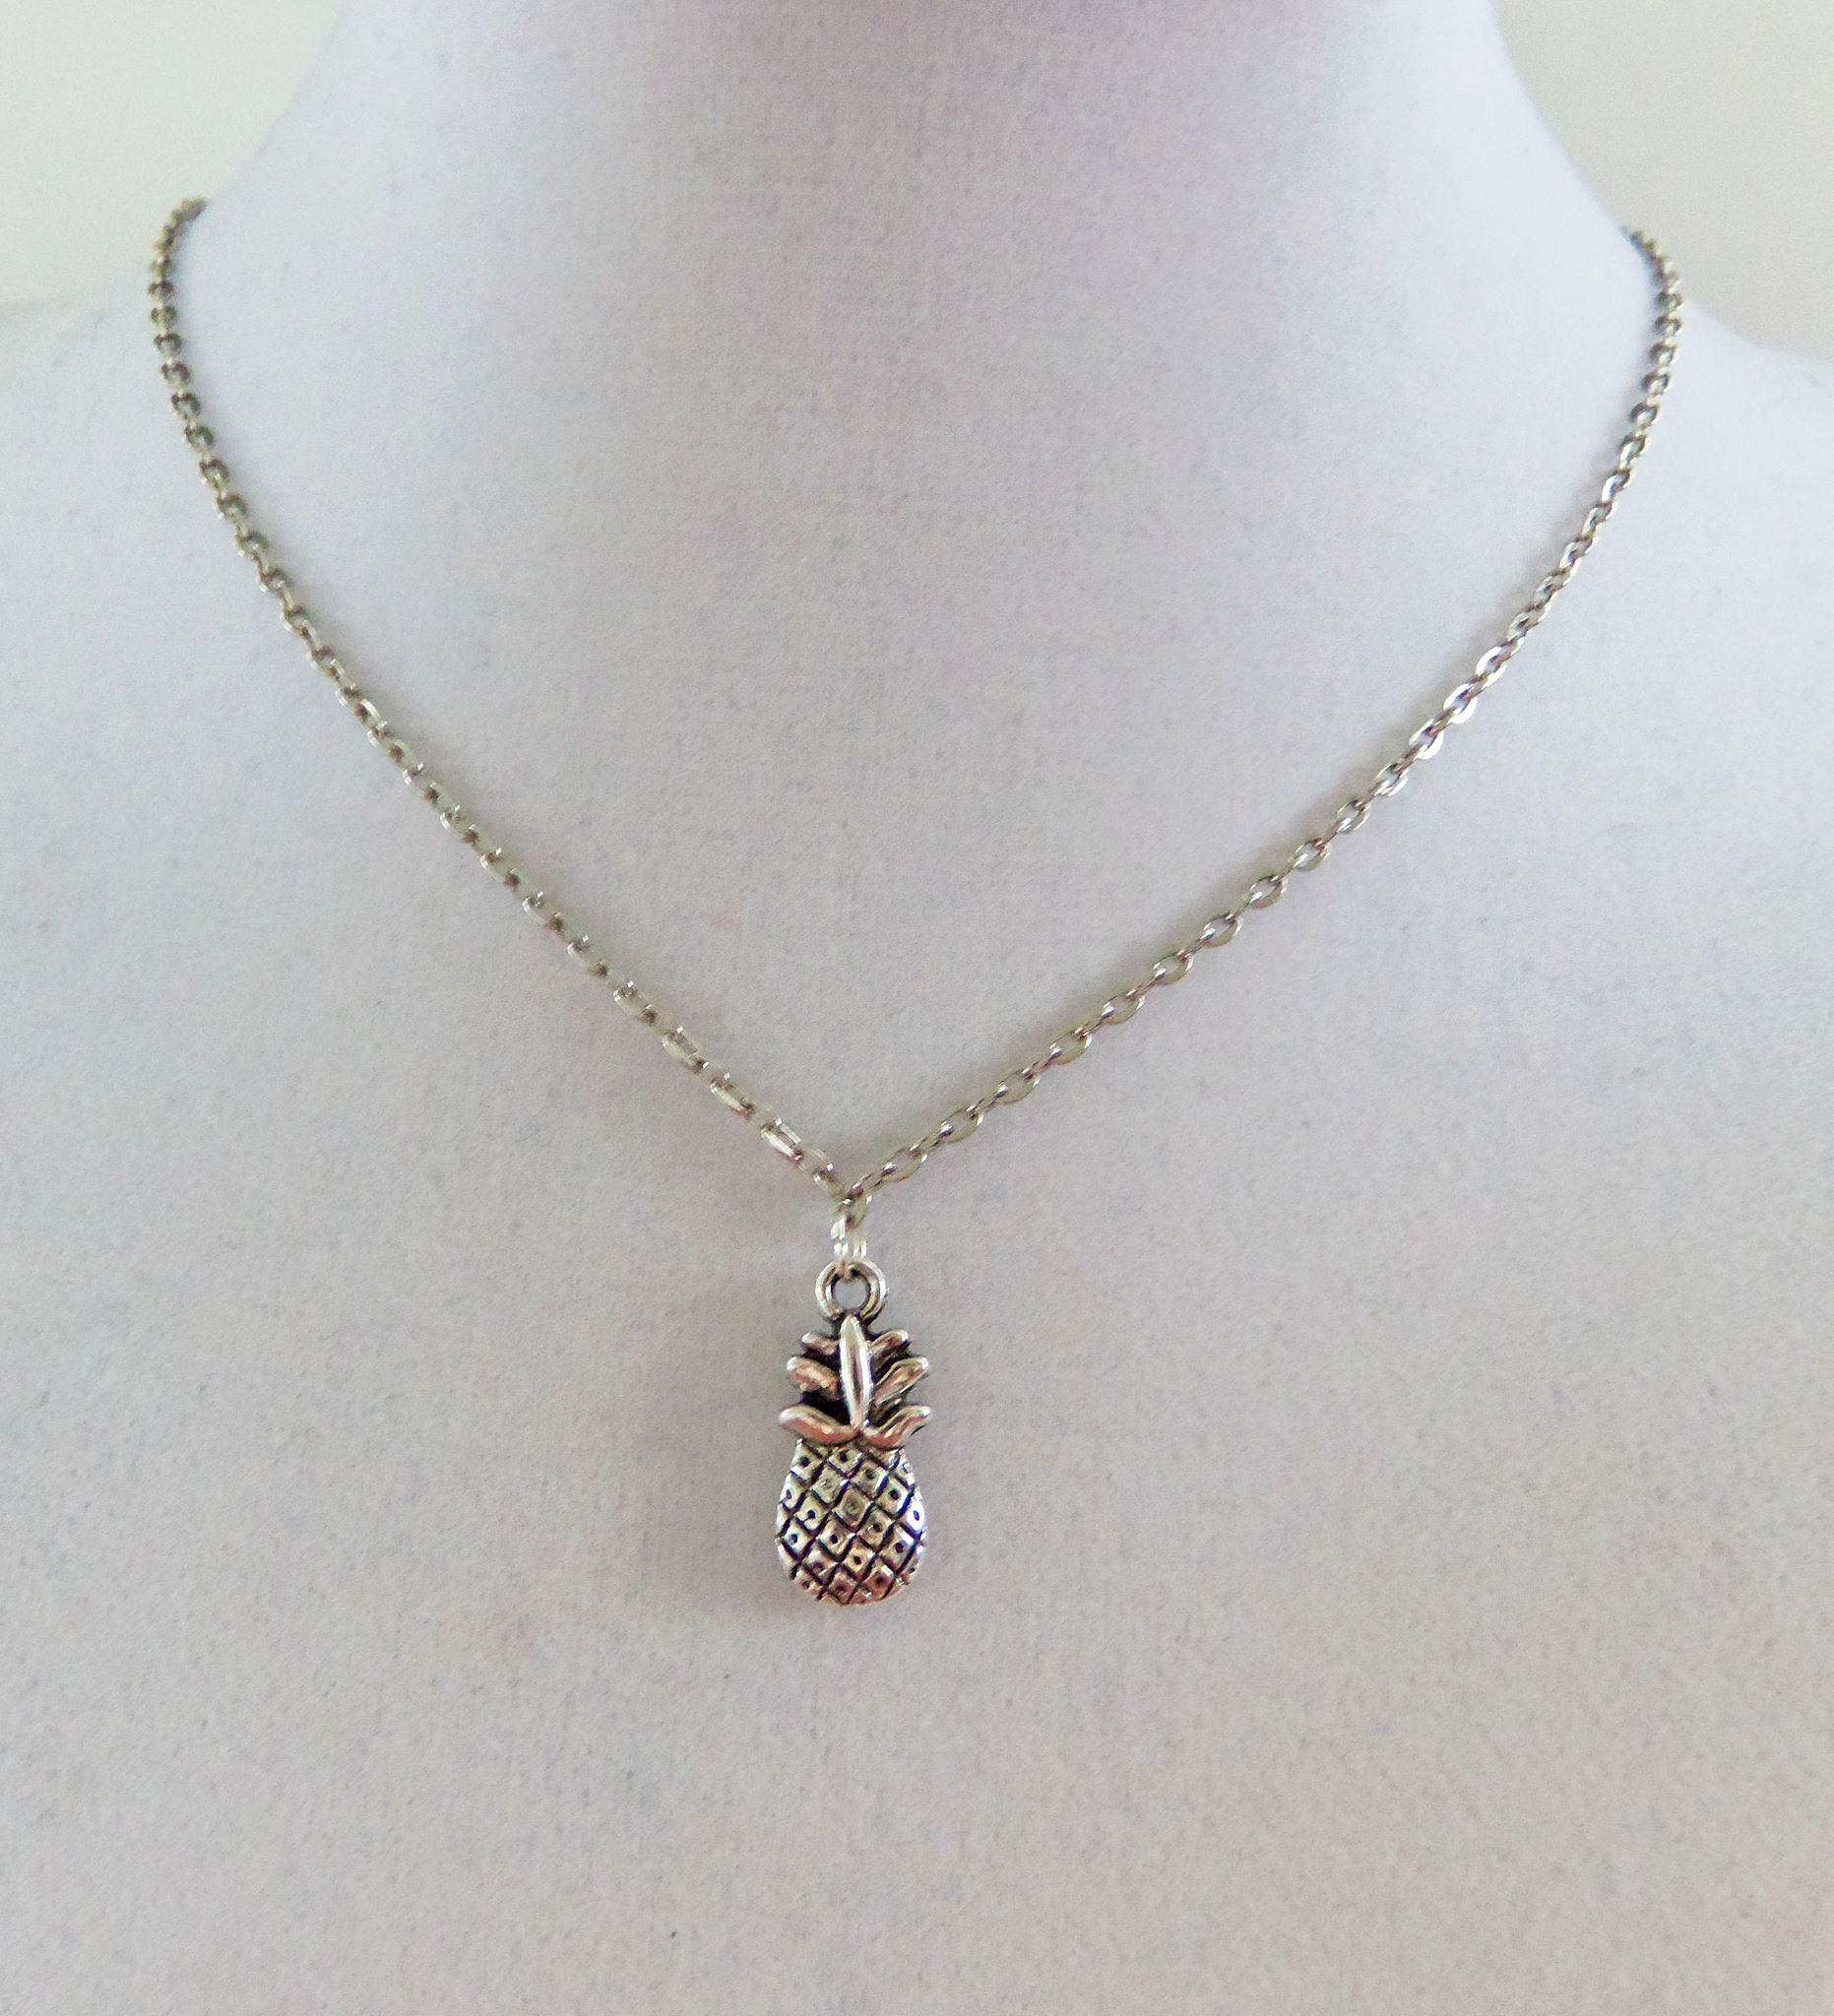 Vintage Style Minimal sliver Necklace